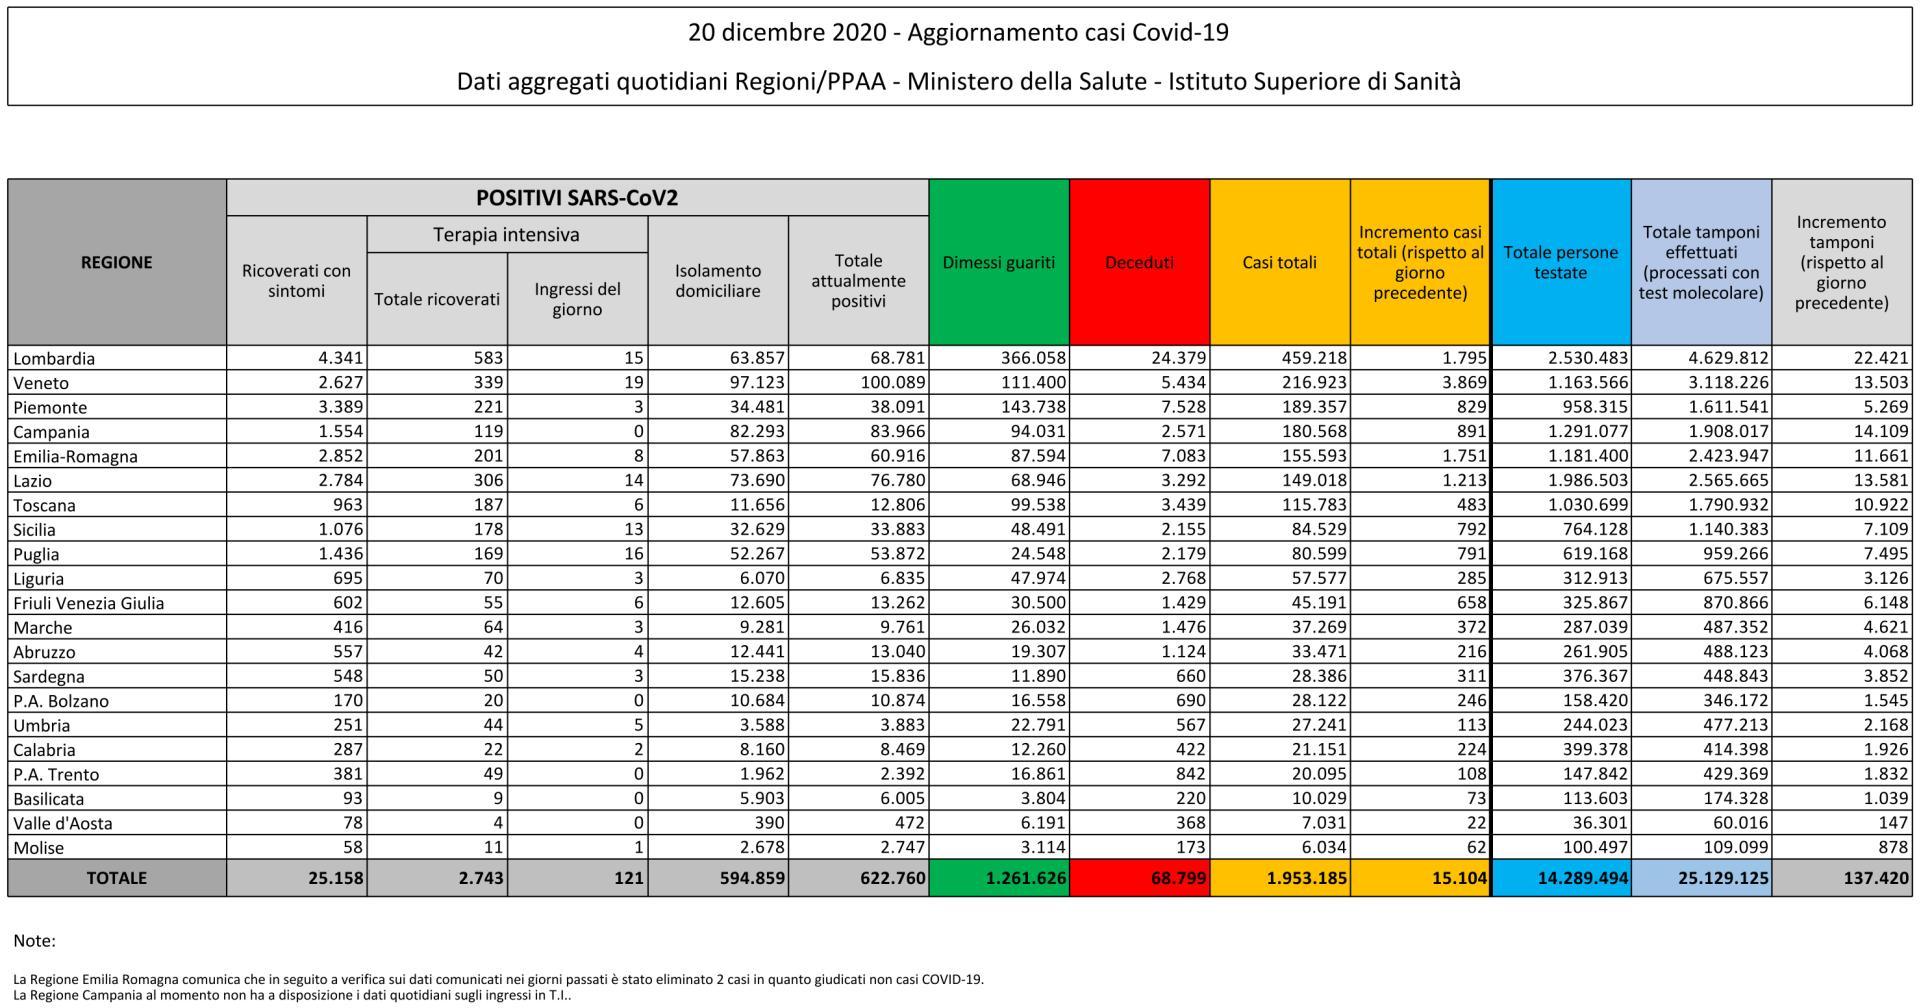 20 dicembre 2020 - Aggiornamento casi Covid-19 Dati aggregati quotidiani Regioni/PPAA - Ministero della Salute - Istituto Superiore di Sanità